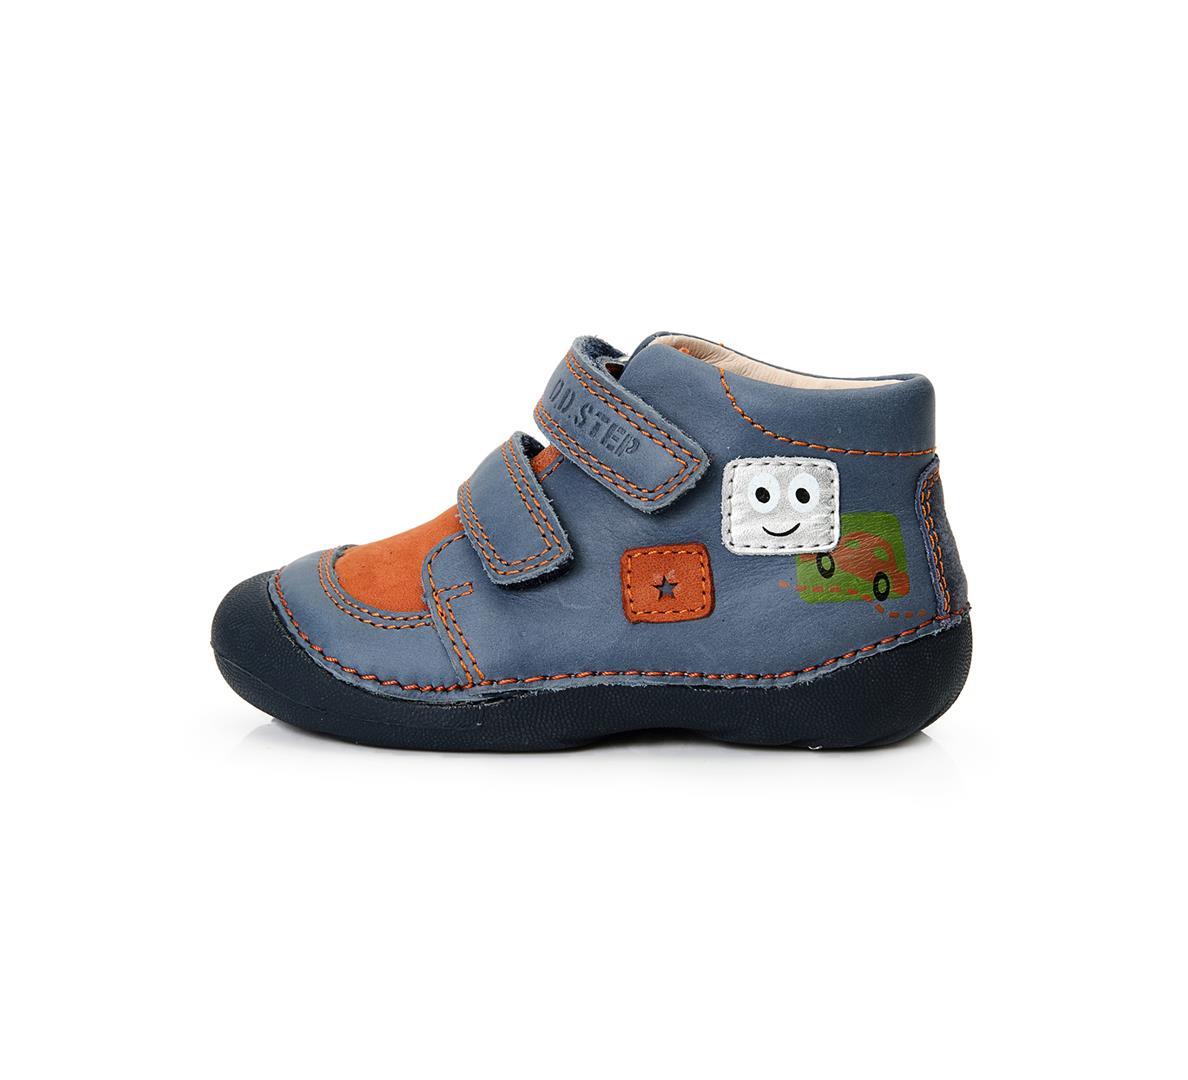 Kompletní nabídku i ceny můžete shlédnout na  http   botickaliberec.cz  obchod  · ← Lurchi – naskladněna celoroční obuv ... 81af2278ff